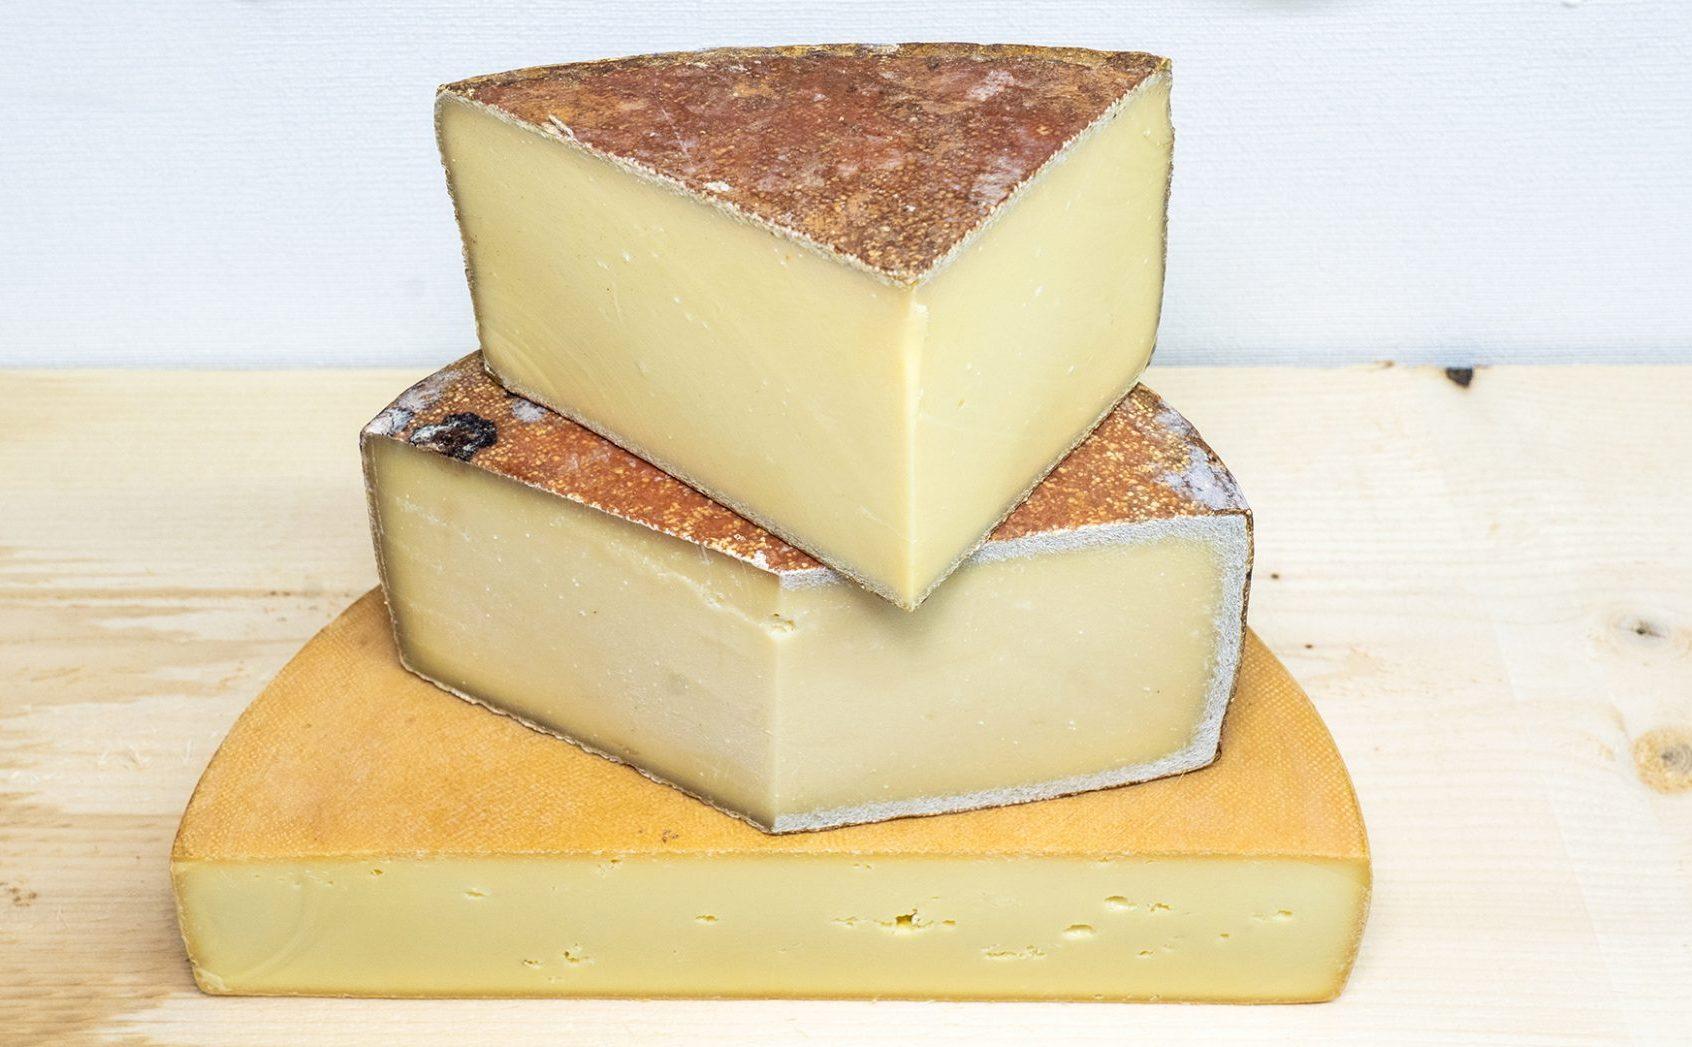 さまざまな出会いに導かれ、理想のチーズを求める「しあわせチーズ工房」